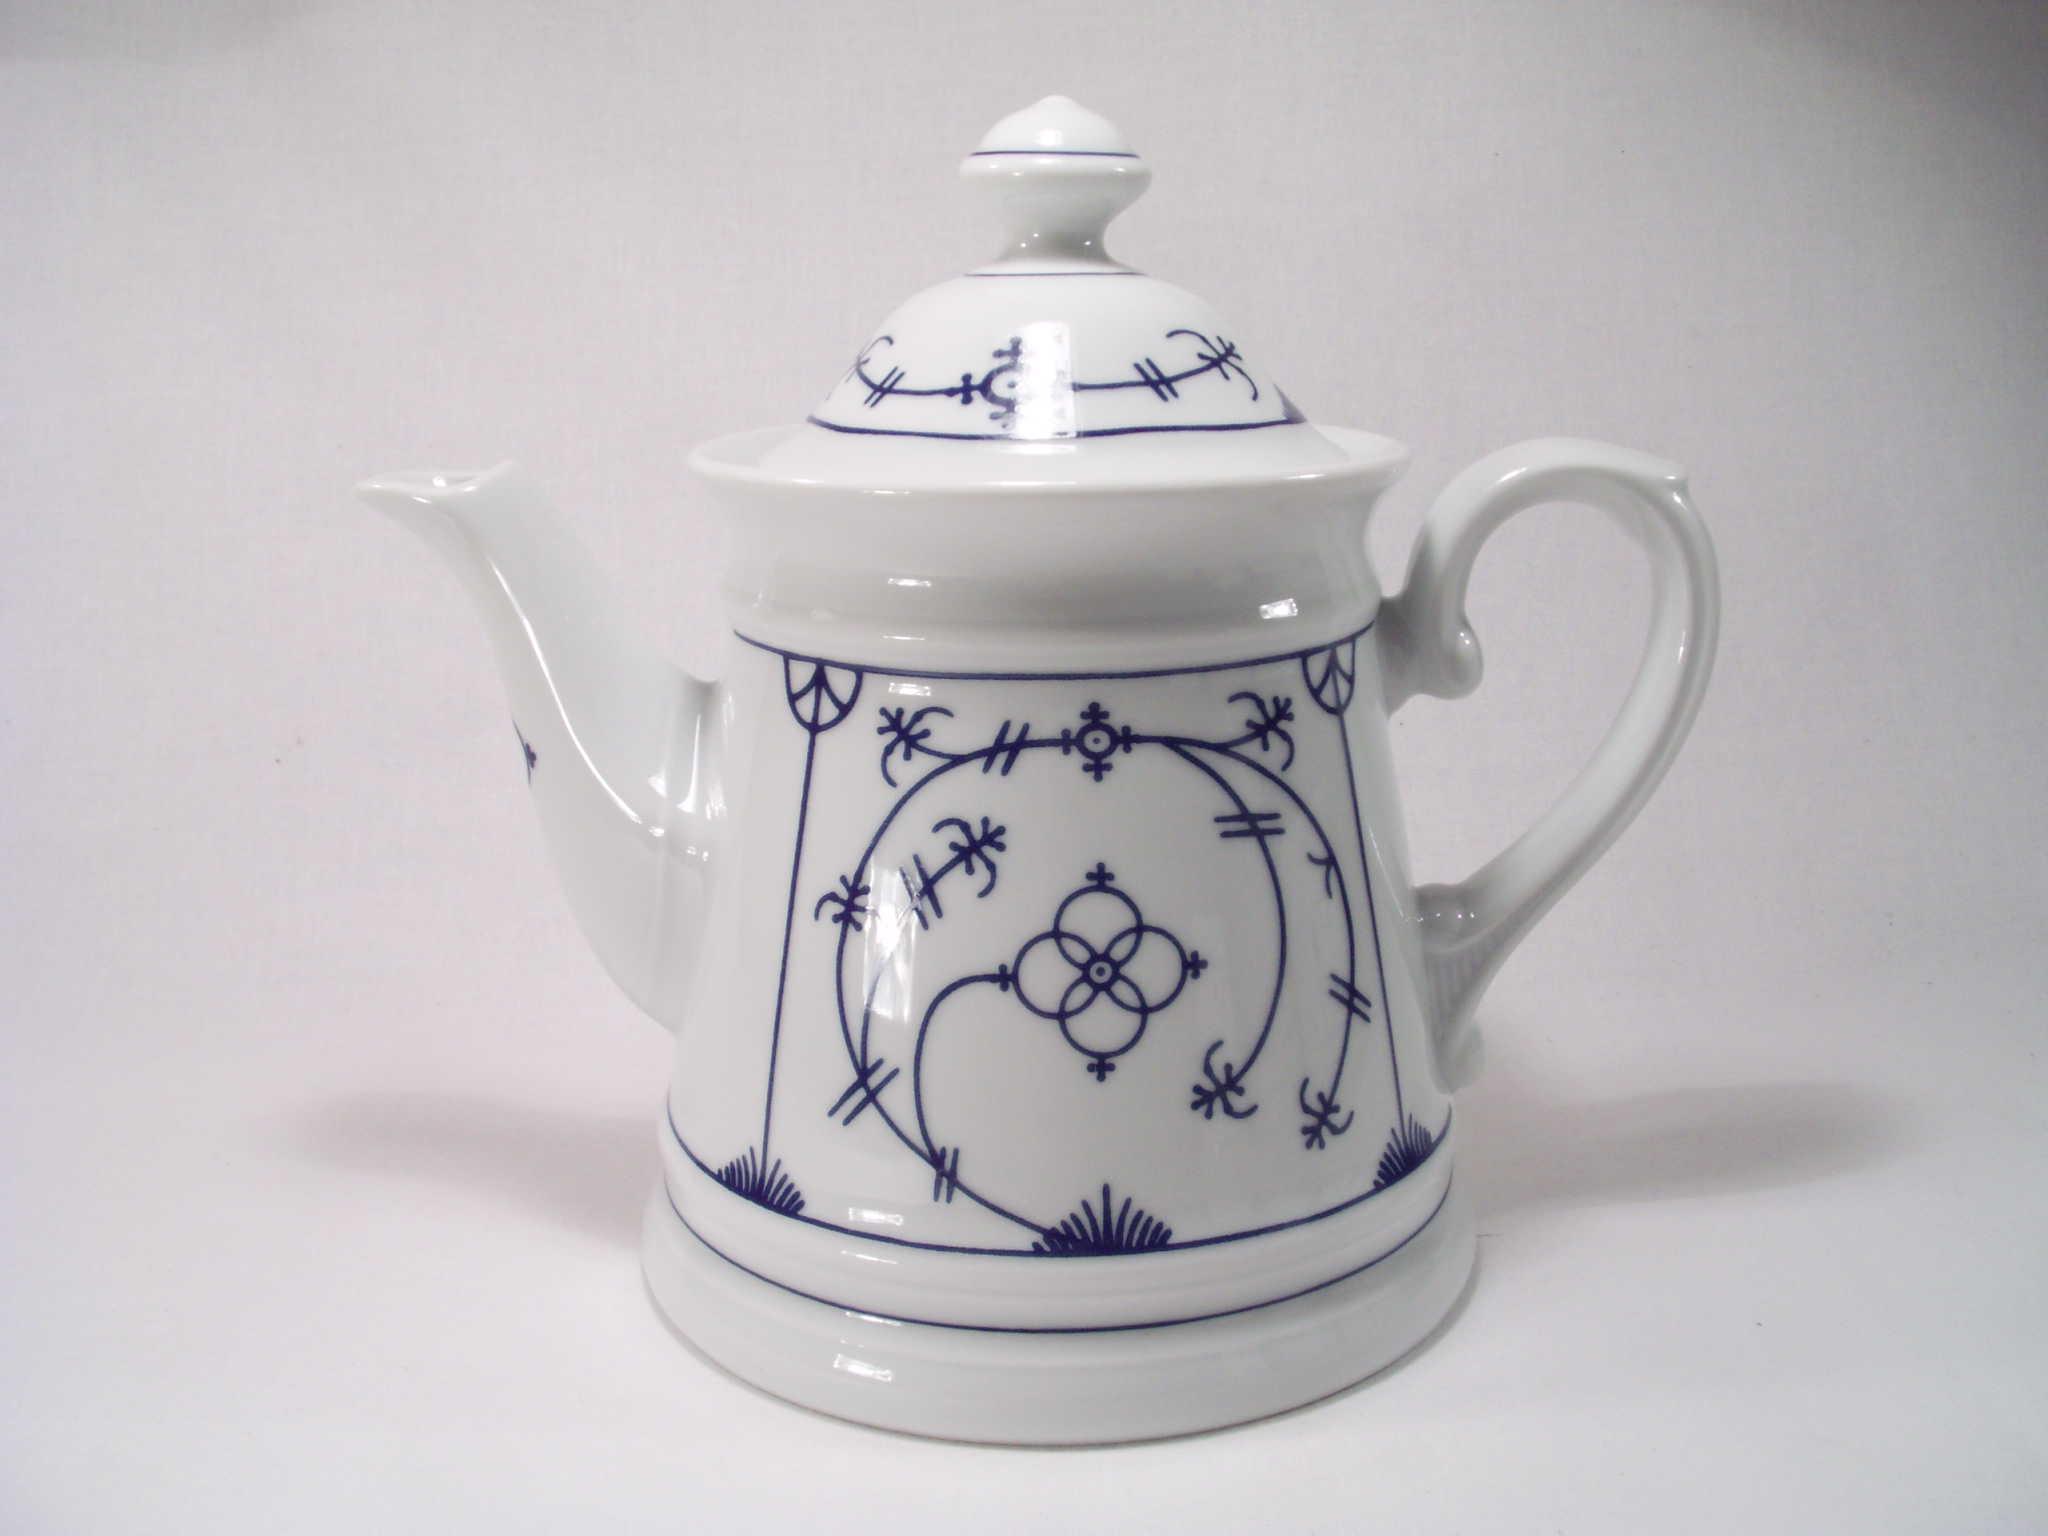 teelichthalter winterling indischblau indisch blau triptis porzellan zwiebelmuster. Black Bedroom Furniture Sets. Home Design Ideas